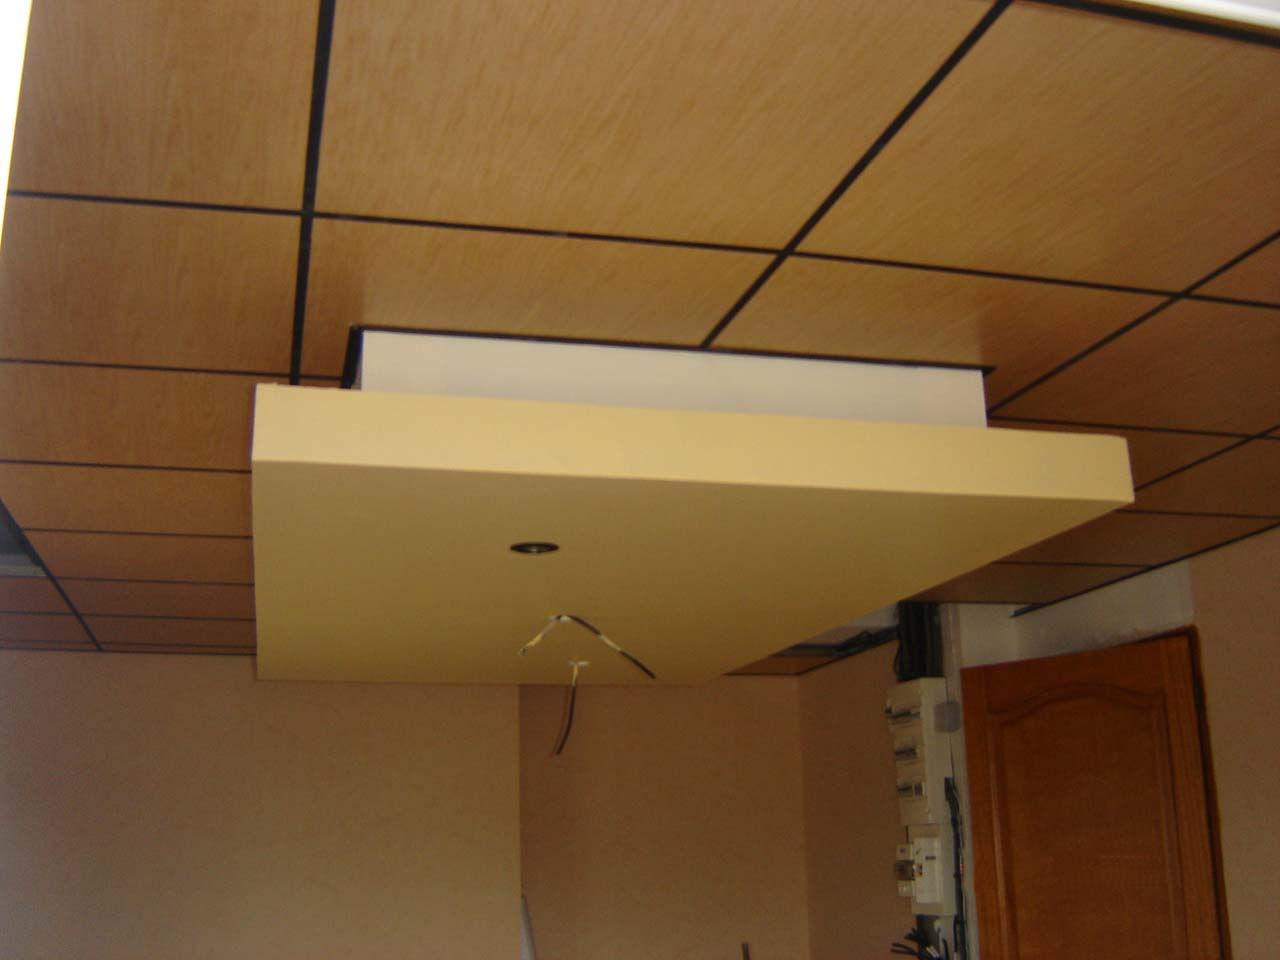 entreprise plaquiste et renovation. Black Bedroom Furniture Sets. Home Design Ideas